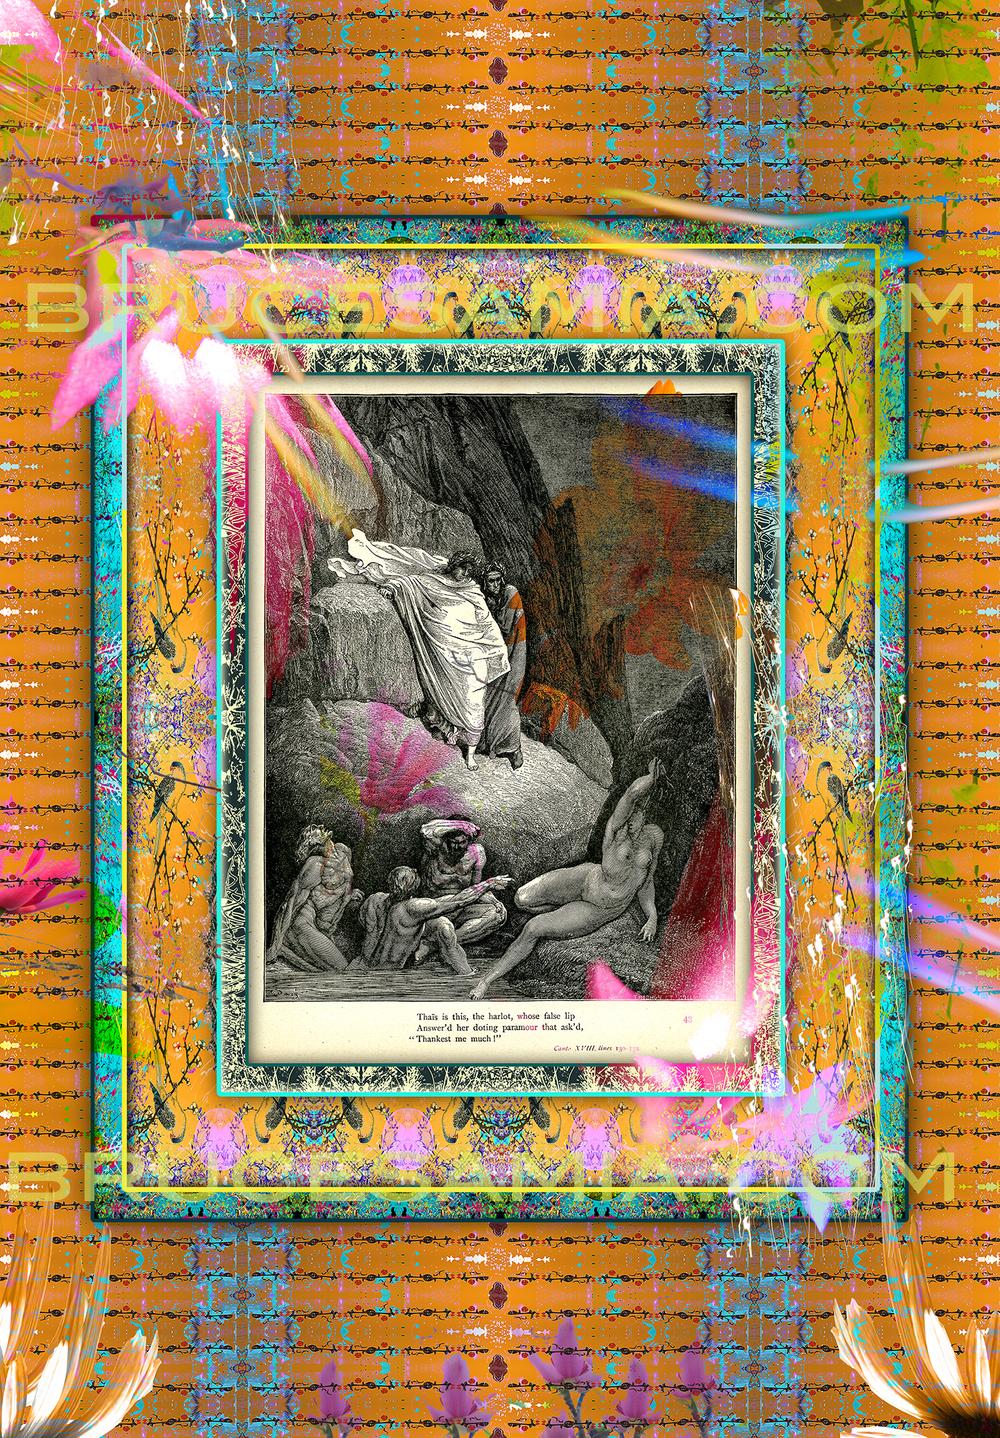 5.danté collage Canto XVIII (lines 130-132) ed.25